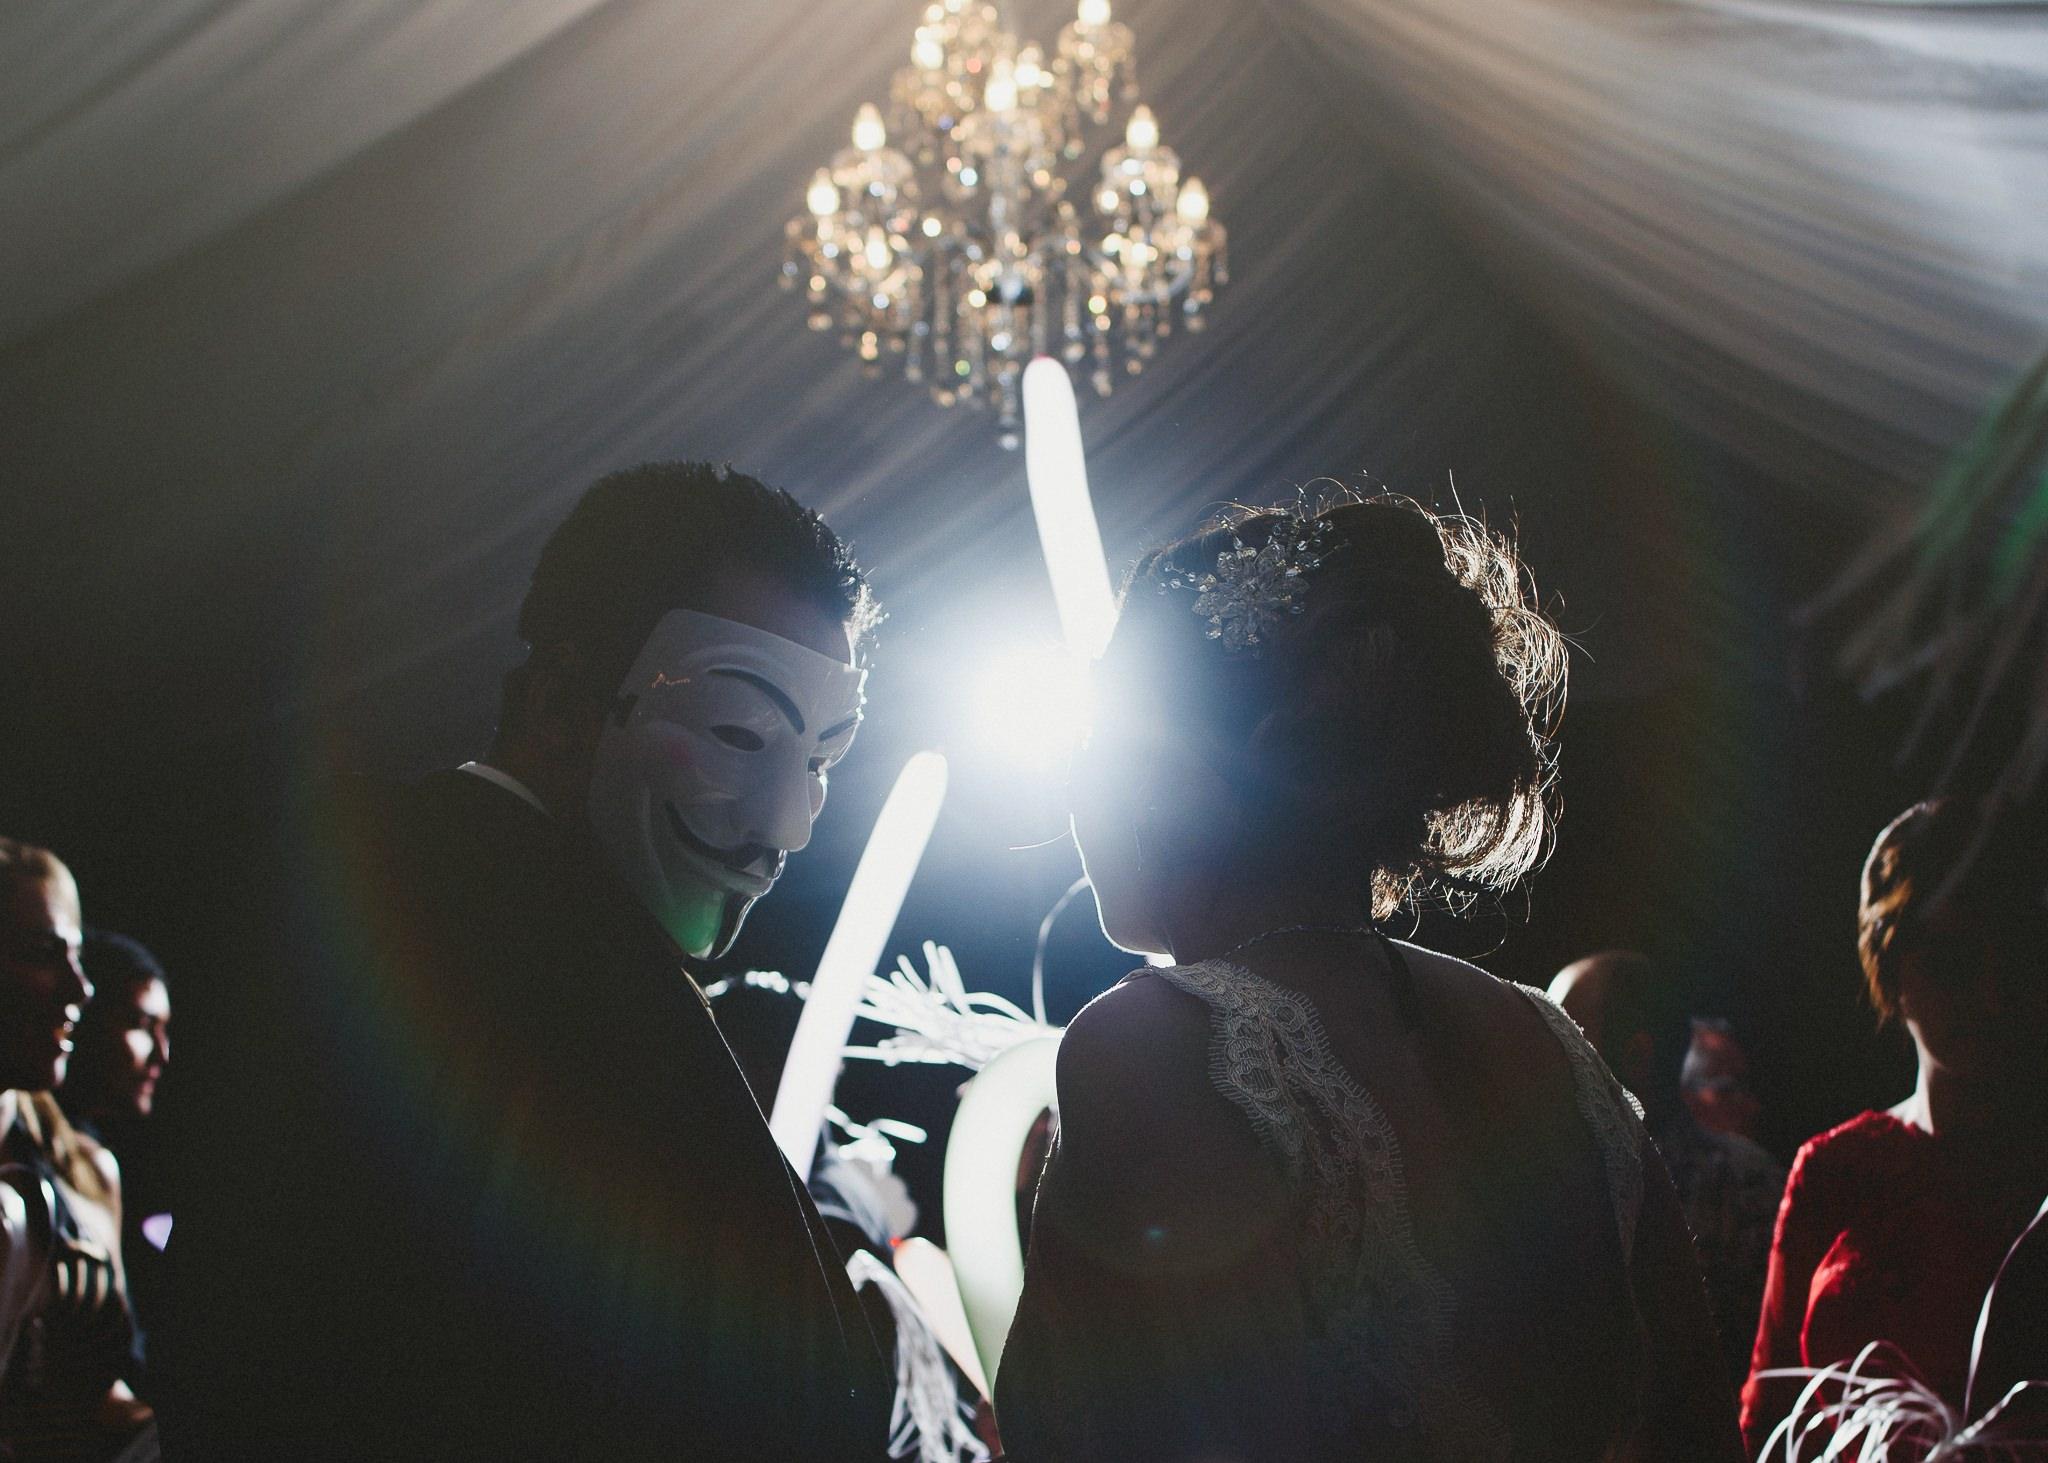 03boda-en-jardin-wedding-hacienda-los-cuartos-fotografo-luis-houdin136